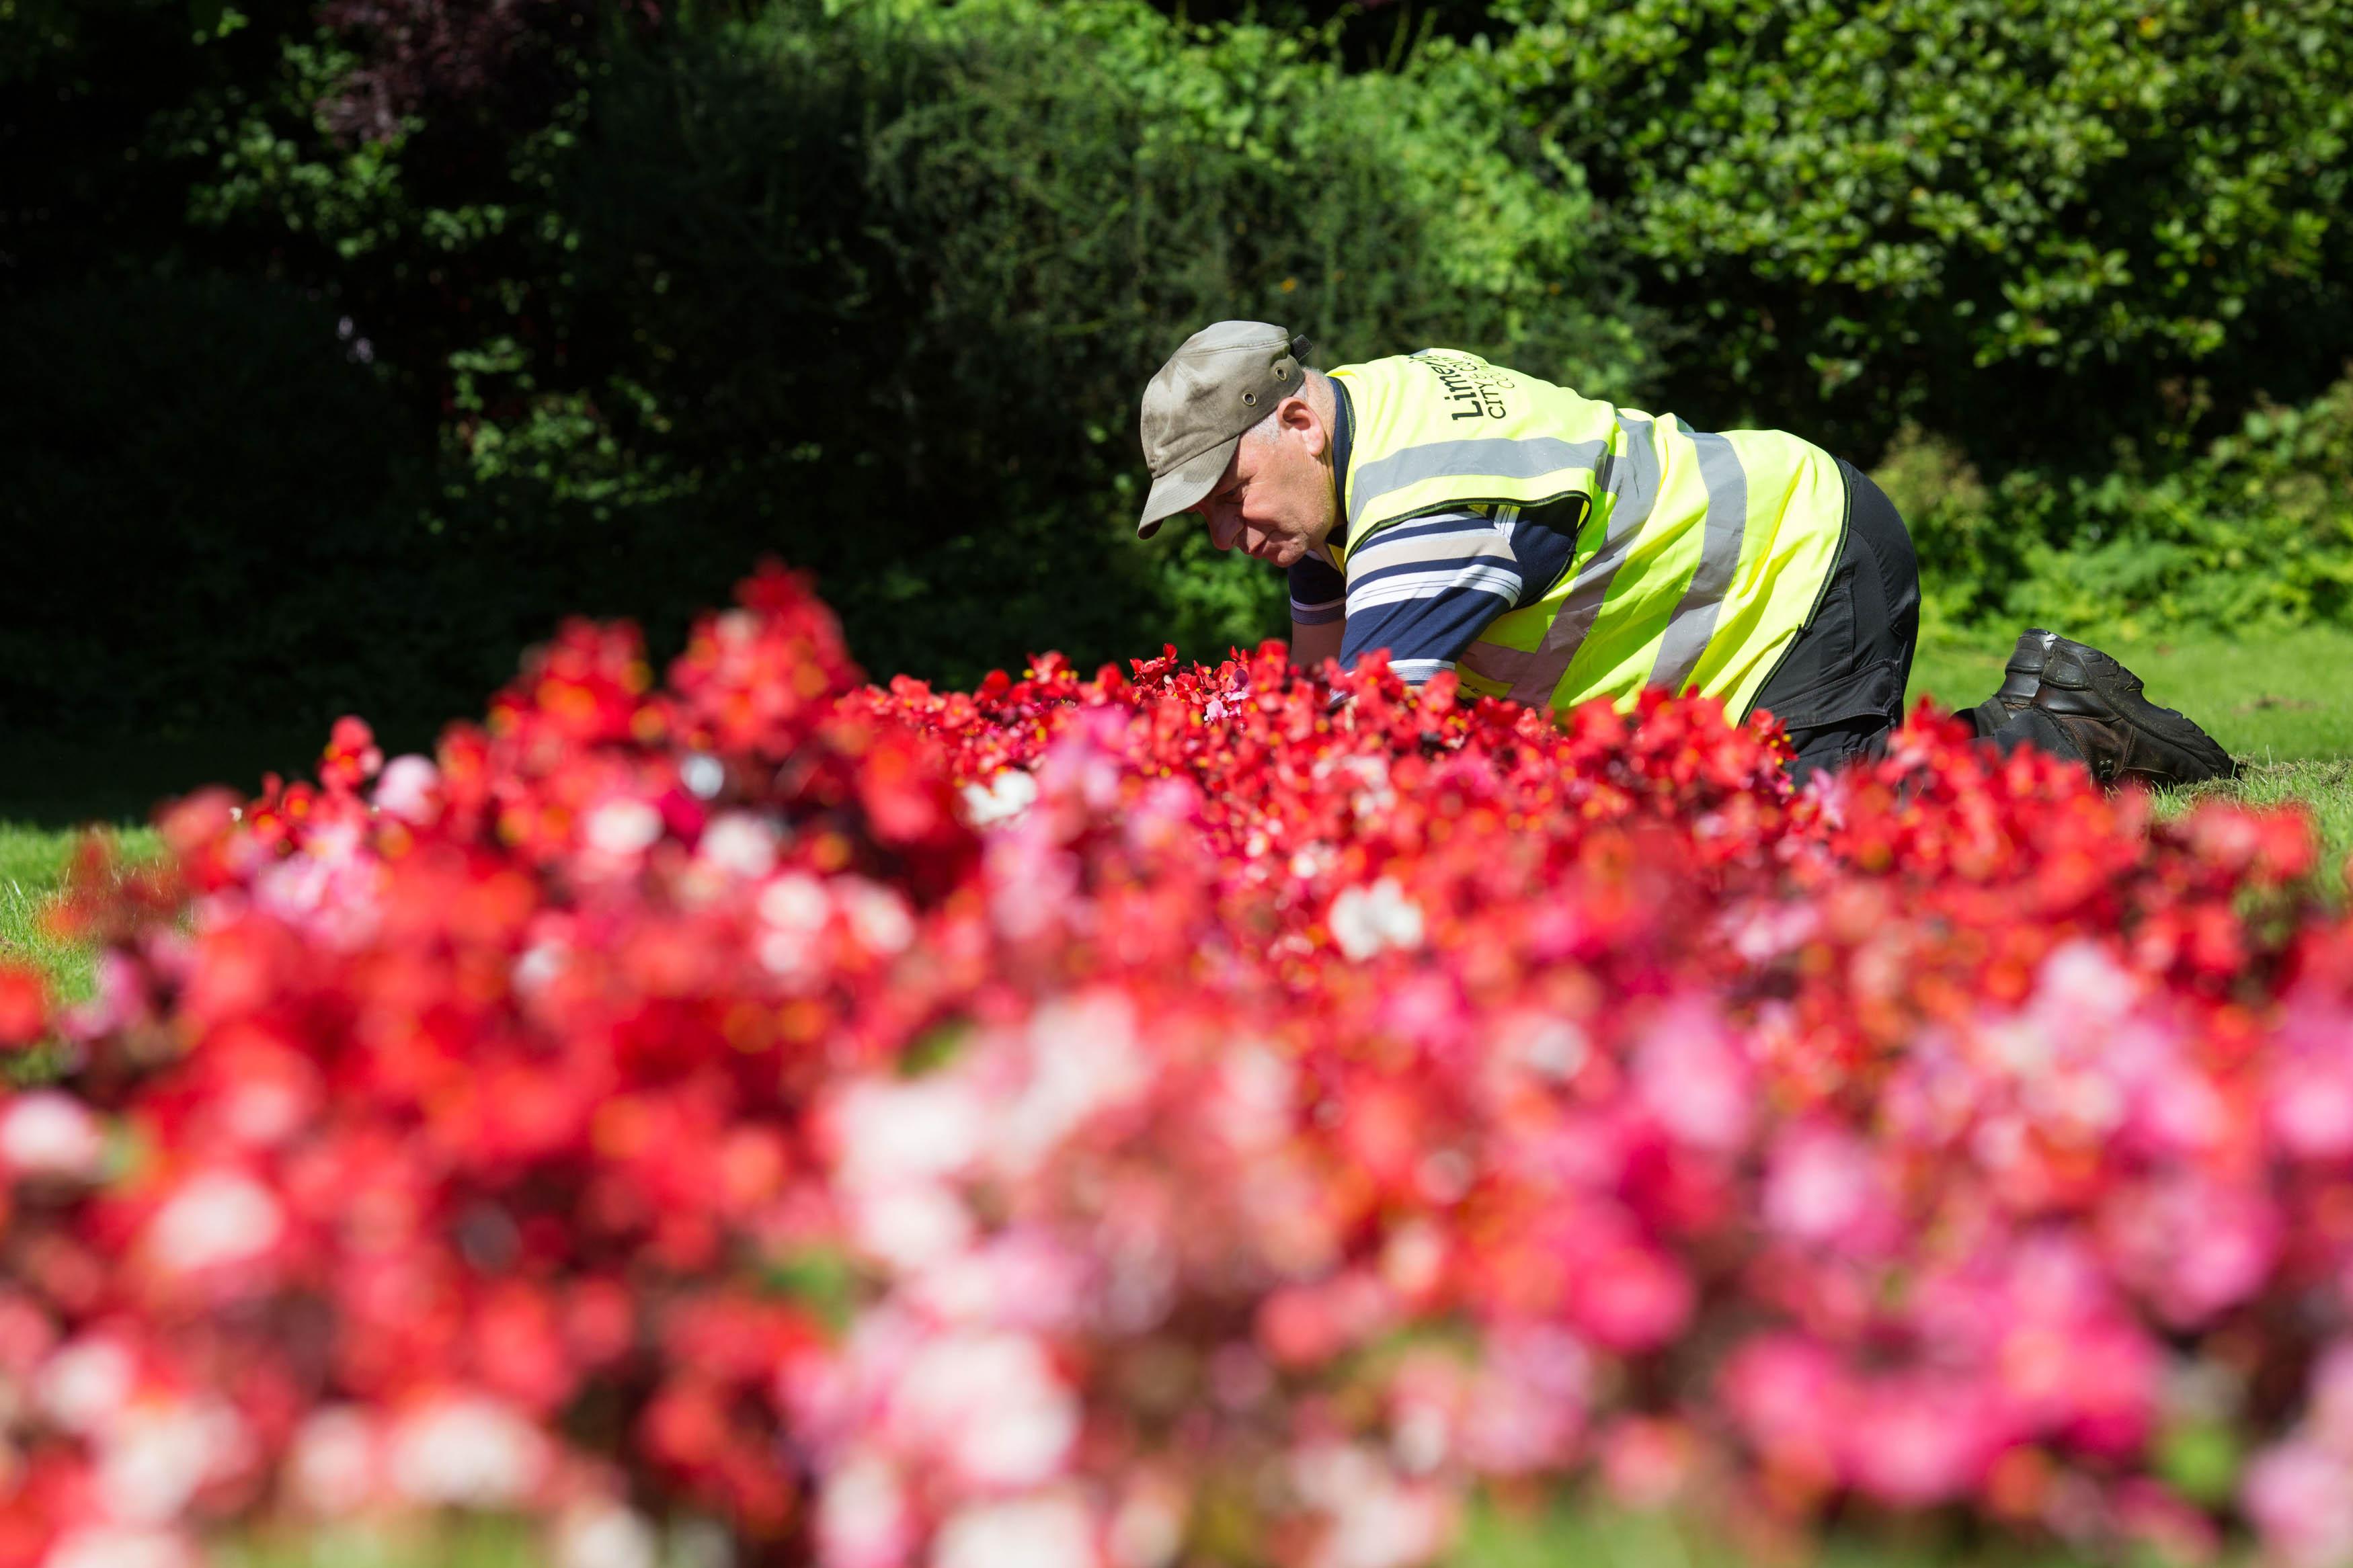 Parks Department Vibrant flowers brighten Limerick city centre